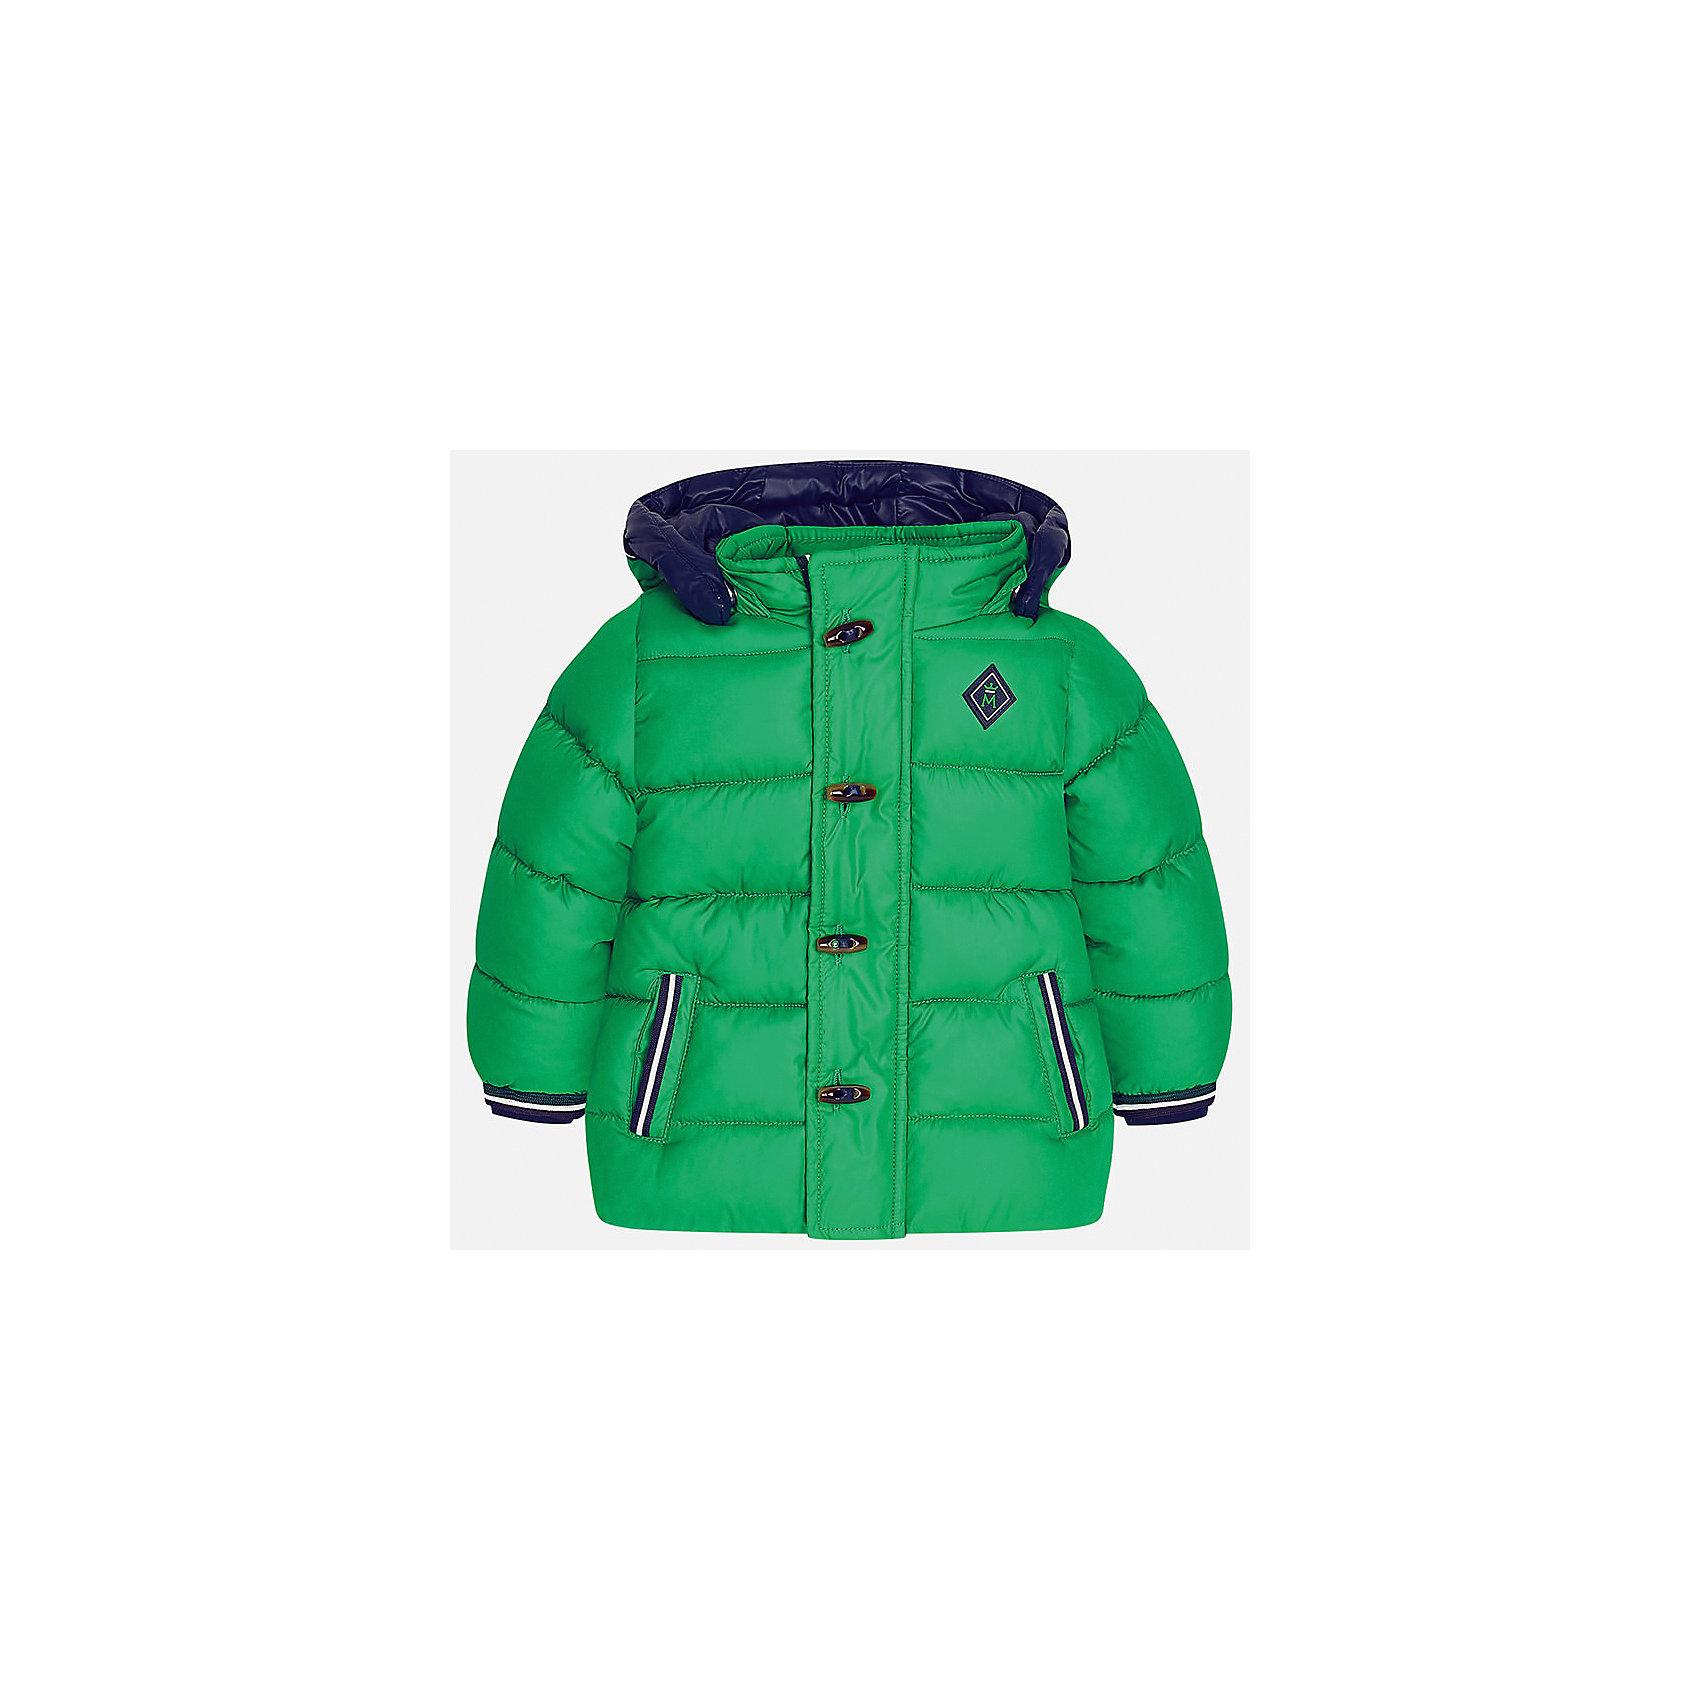 Куртка Mayoral для мальчикаВерхняя одежда<br>Характеристики товара:<br><br>• цвет: зеленый<br>• состав ткани: 100% полиэстер<br>• подкладка: 100% полиэстер<br>• утеплитель: 100% полиэстер<br>• сезон: демисезон<br>• температурный режим: от -10 до +10<br>• особенности модели: с капюшоном, дутая<br>• капюшон: съемный<br>• застежка: молния, пуговицы<br>• страна бренда: Испания<br>• страна изготовитель: Индия<br><br>Эта демисезонная детская куртка подойдет для переменной погоды. Отличный способ обеспечить ребенку тепло и комфорт - надеть теплую куртку от Mayoral. Детская куртка сшита из приятного на ощупь материала. Куртка для мальчика Mayoral дополнена теплой подкладкой.<br><br>Куртку для мальчика Mayoral (Майорал) можно купить в нашем интернет-магазине.<br><br>Ширина мм: 356<br>Глубина мм: 10<br>Высота мм: 245<br>Вес г: 519<br>Цвет: зеленый<br>Возраст от месяцев: 12<br>Возраст до месяцев: 15<br>Пол: Мужской<br>Возраст: Детский<br>Размер: 80,98,86,92<br>SKU: 6935135